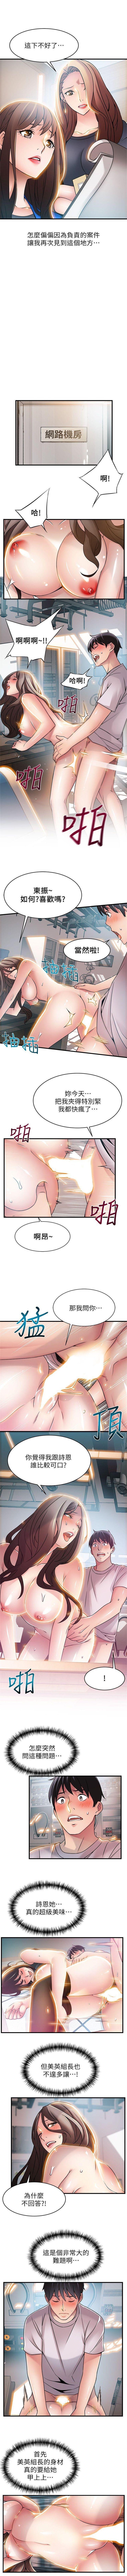 (周7)弱点 1-66 中文翻译(更新中) 158